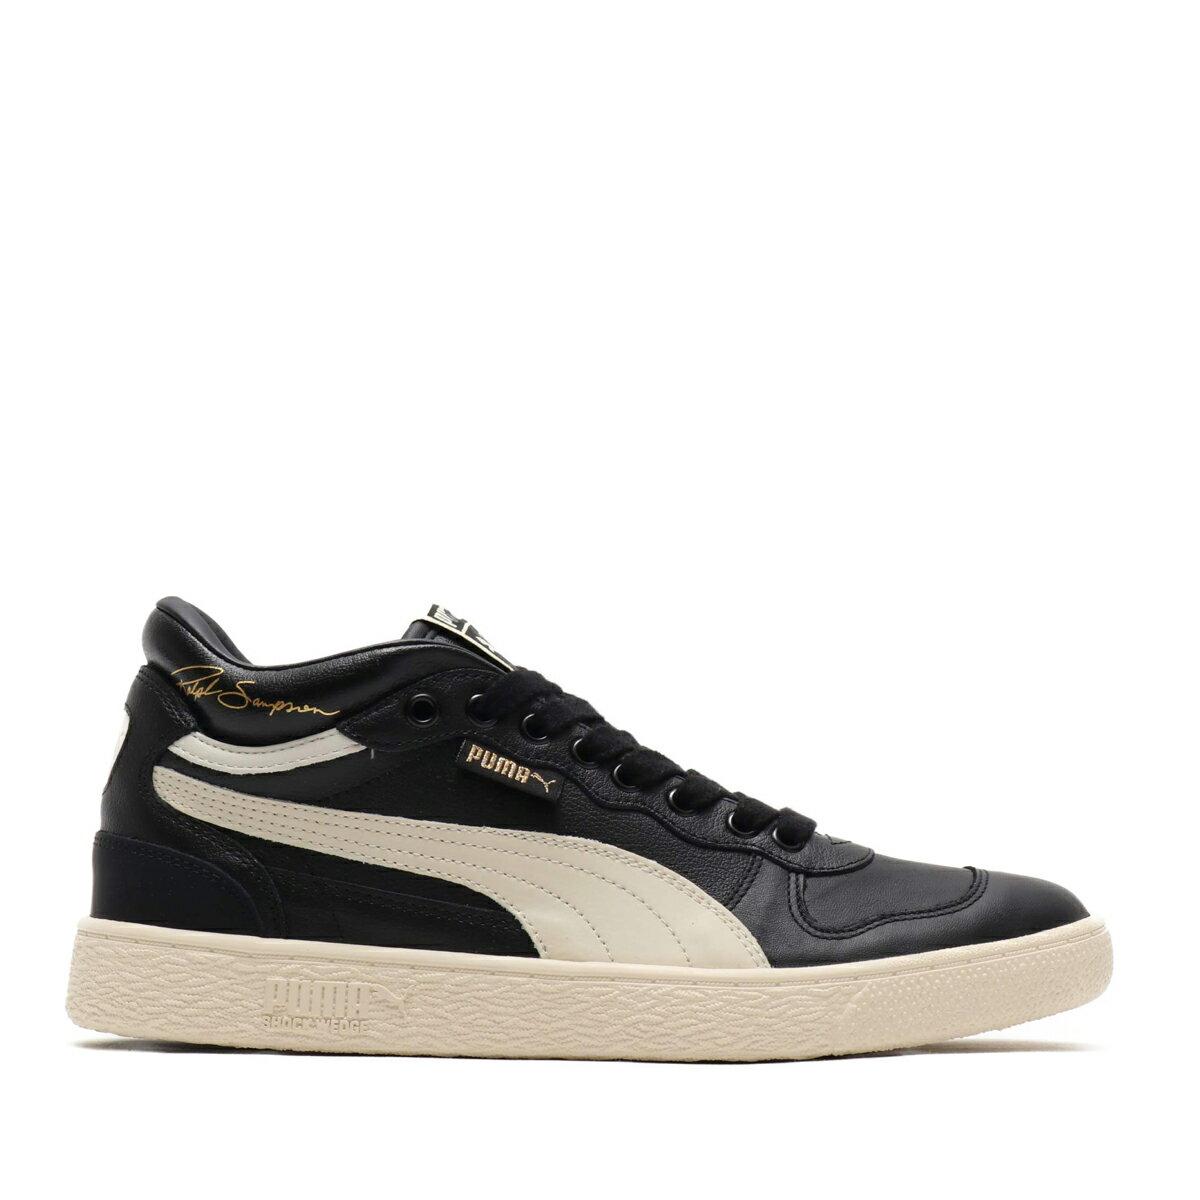 メンズ靴, スニーカー PUMA Ralph Sampson Demi OG(WHISPER WHITE)( OG)20SP-I